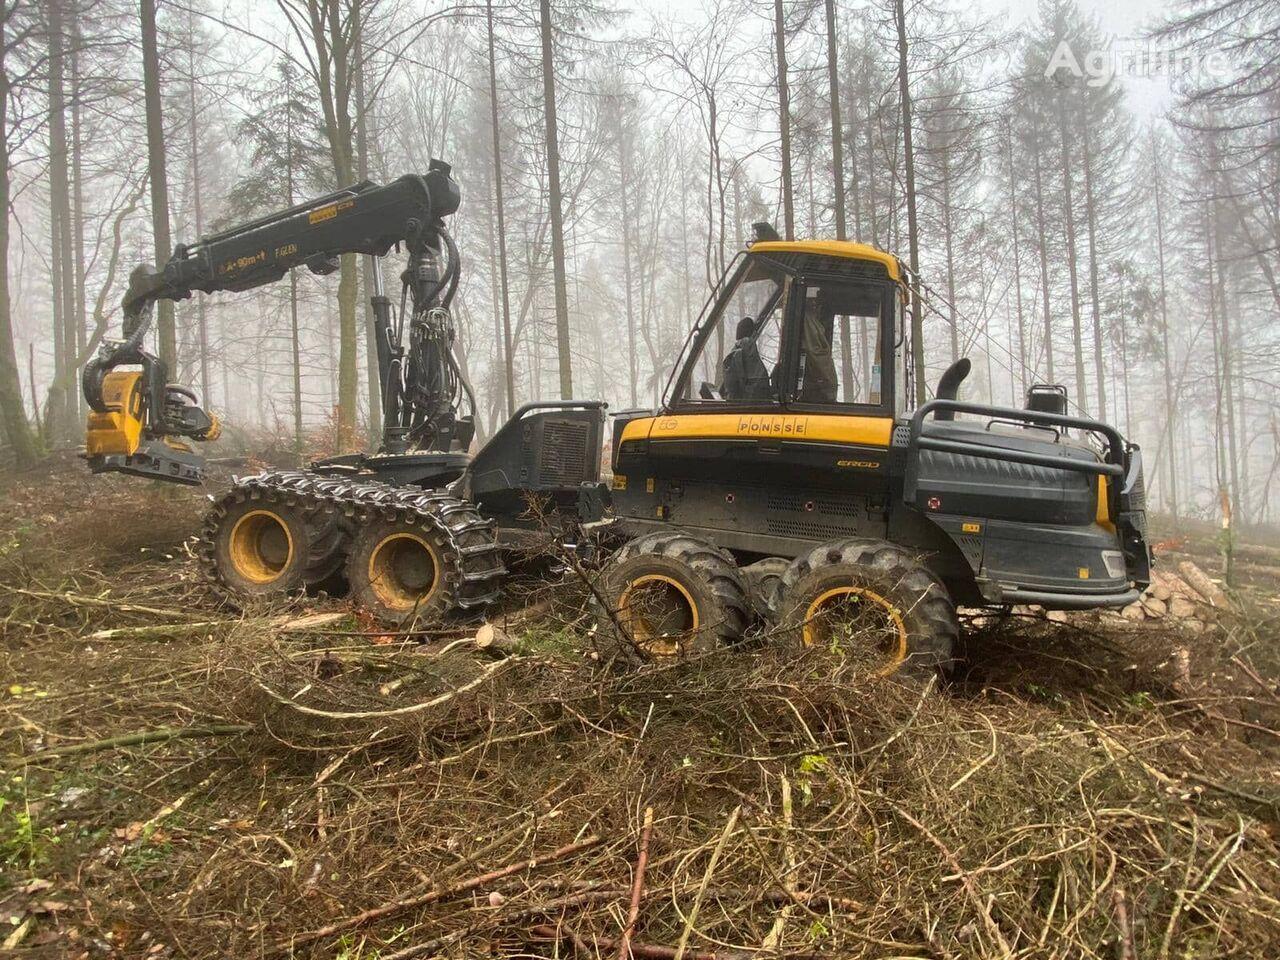 PONSSE Ergo 8WD harvester